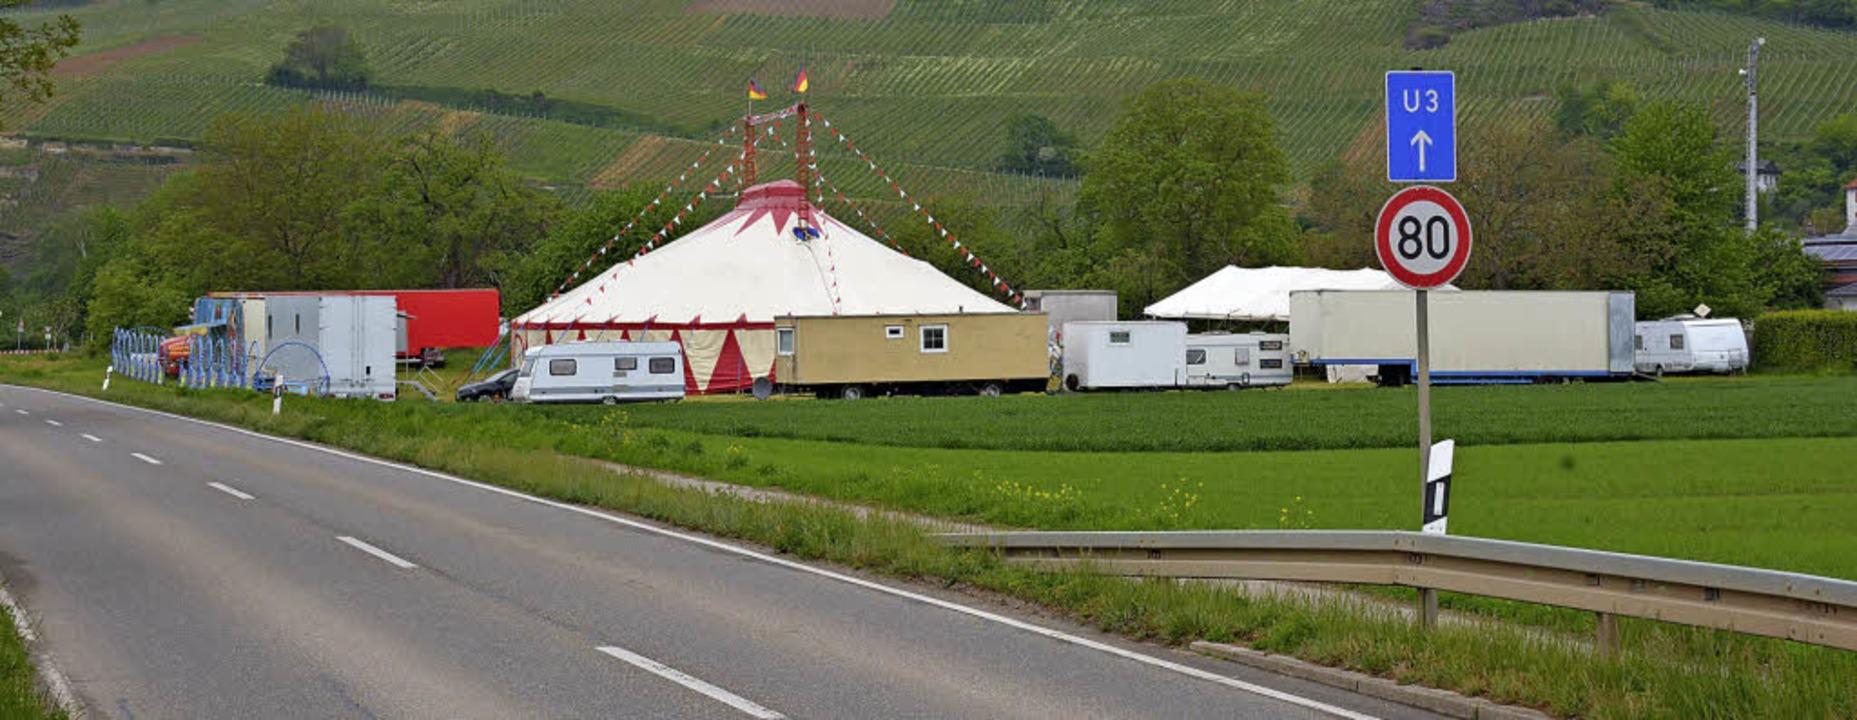 Der Circus Mustang hat seine Zelte bei Efringen-Kirchen aufgeschlagen.   | Foto: Lauber